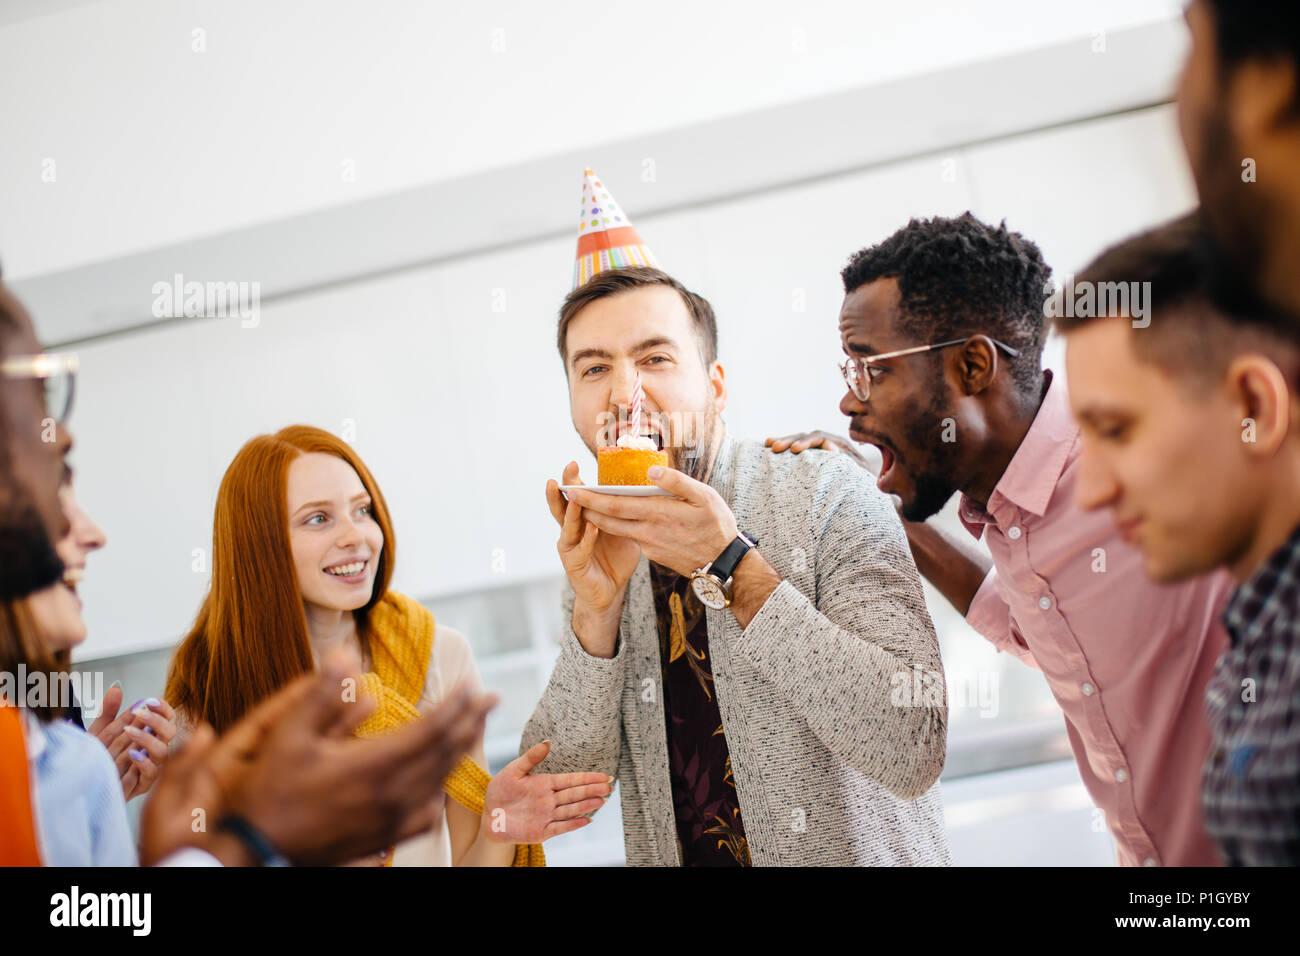 Codiciosos guy está tratando de morder una paz más grande de la torta en frente de amigos Imagen De Stock